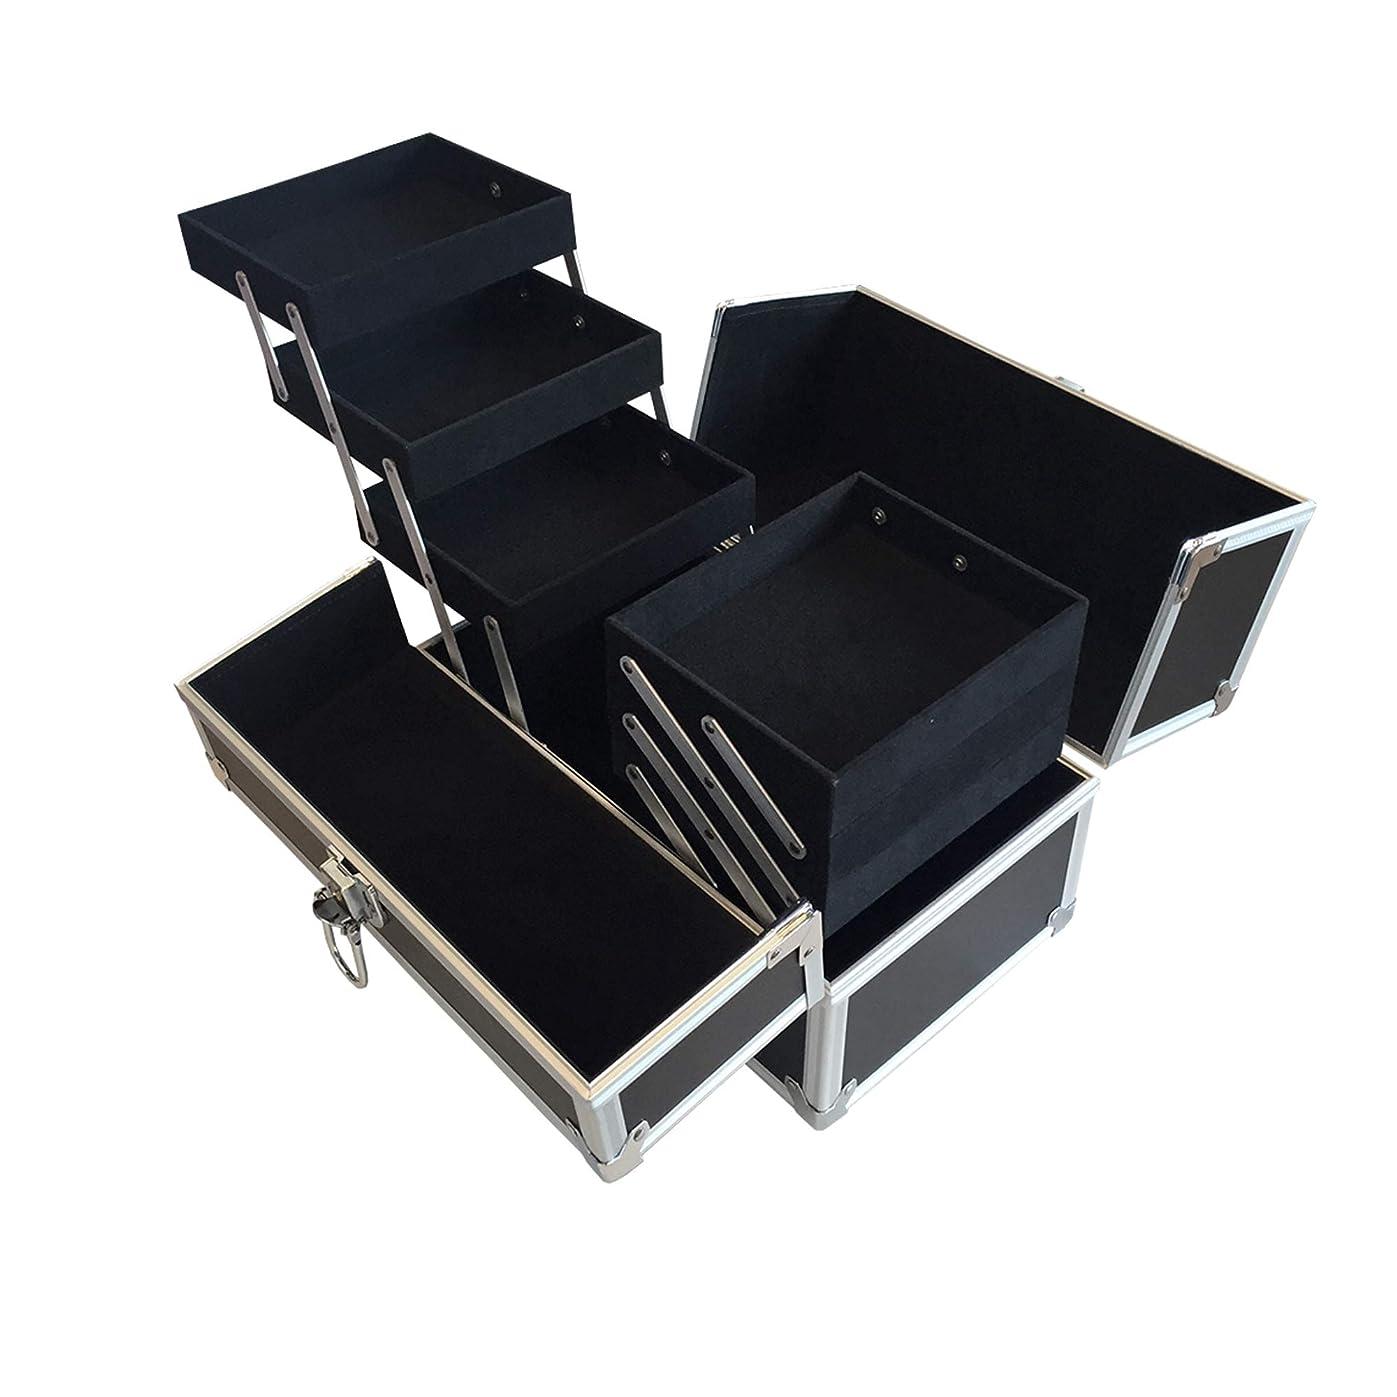 ビン狂信者安息リライアブル コスメボックス RB001-BK 鍵付き プロ仕様 メイクボックス 大容量 化粧品収納 小物入れ 6段トレー ベロア メイクケース コスメBOX 持ち運び ネイルケース